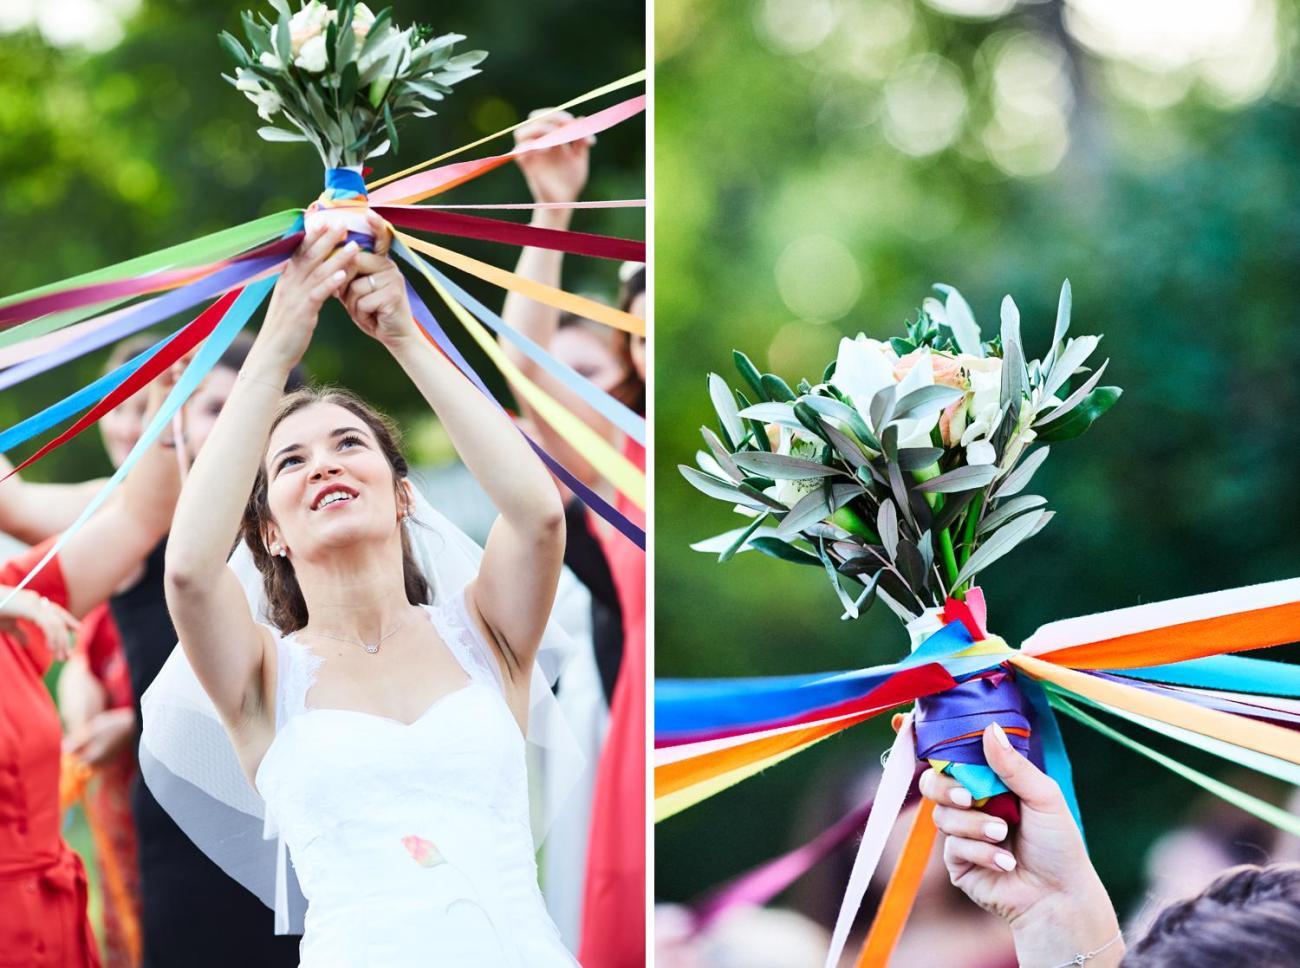 Le jeu du bouquet de la mariée lors d'un mariage champêtre et chic